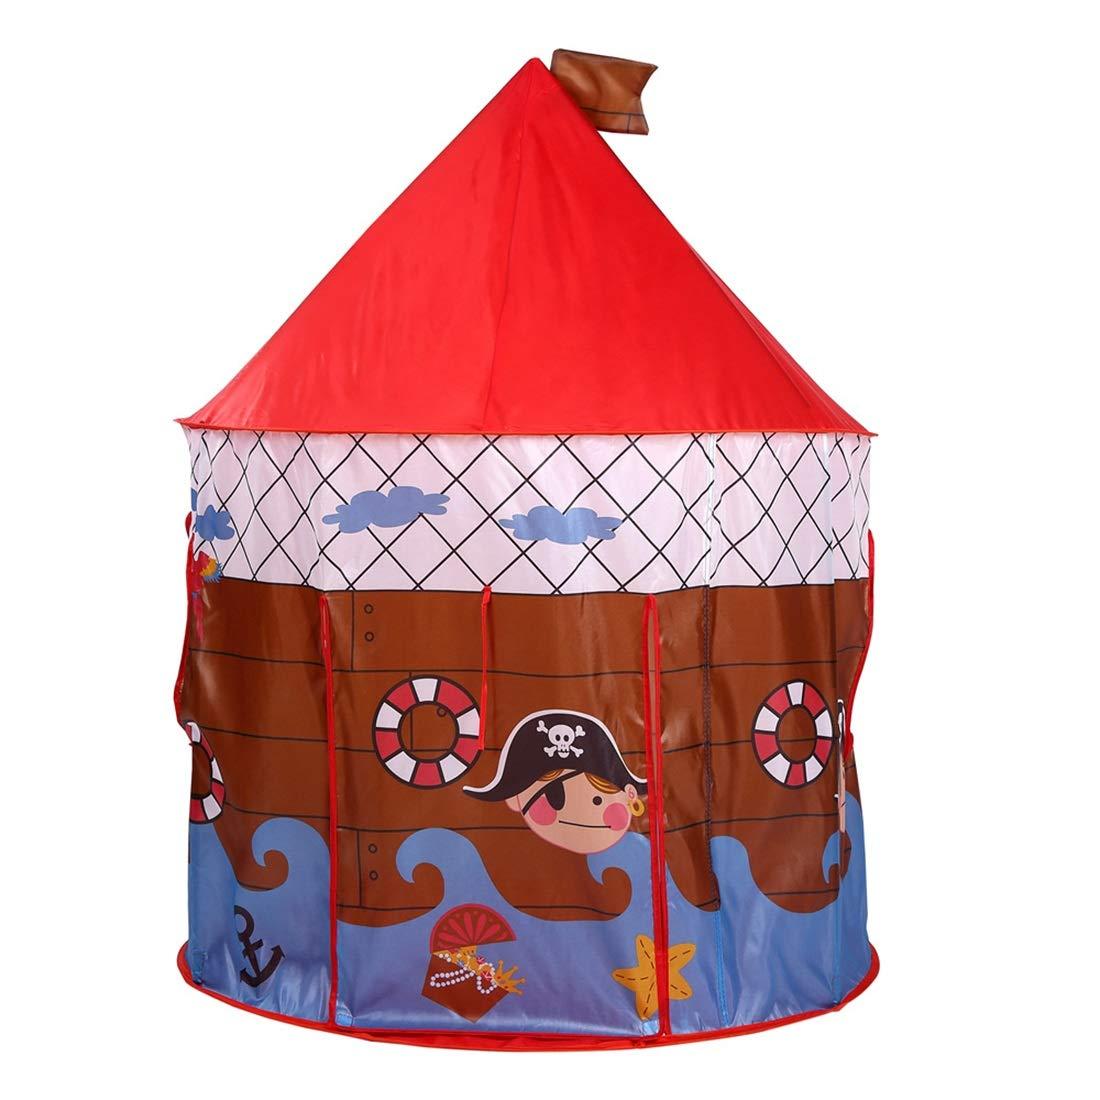 descuentos y mas JESSIEKERVIN YY3 Kis Play Tent Pirate Printed Toys Niños Niños Niños Indoor Playhouse al Aire Libre (Color : Red)  marca famosa